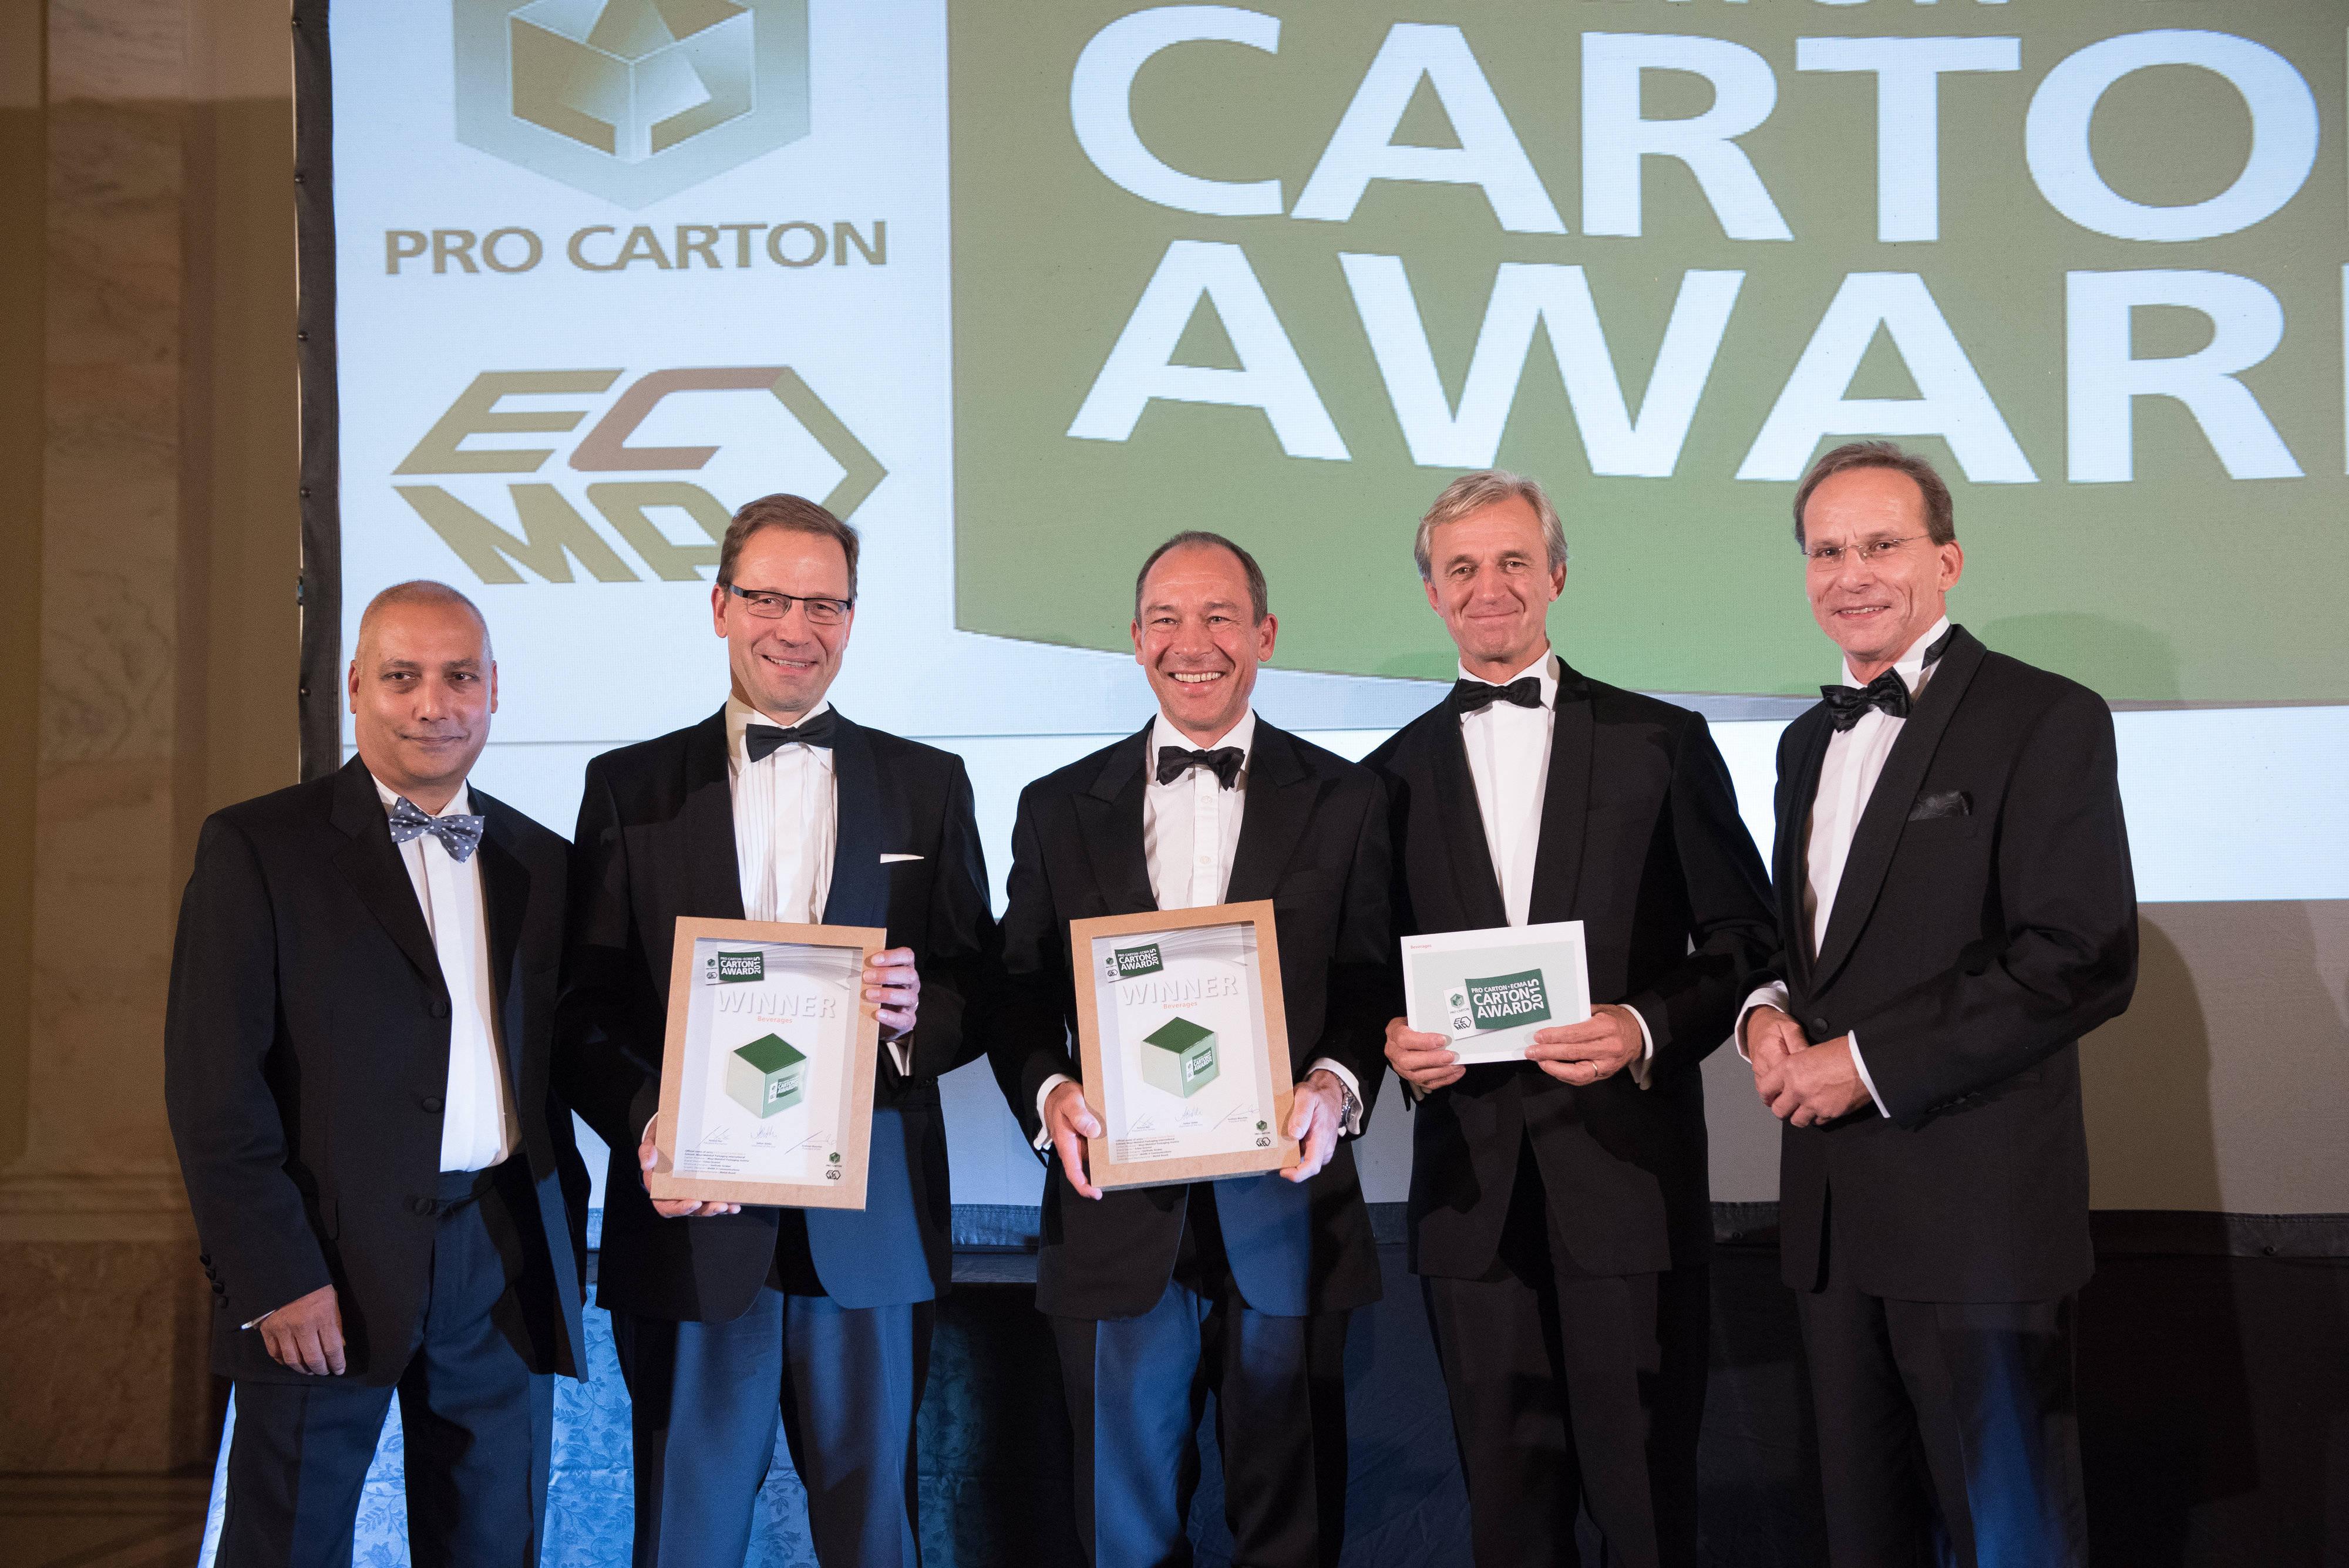 Pro Carton ECMA Award Gala 2015 33